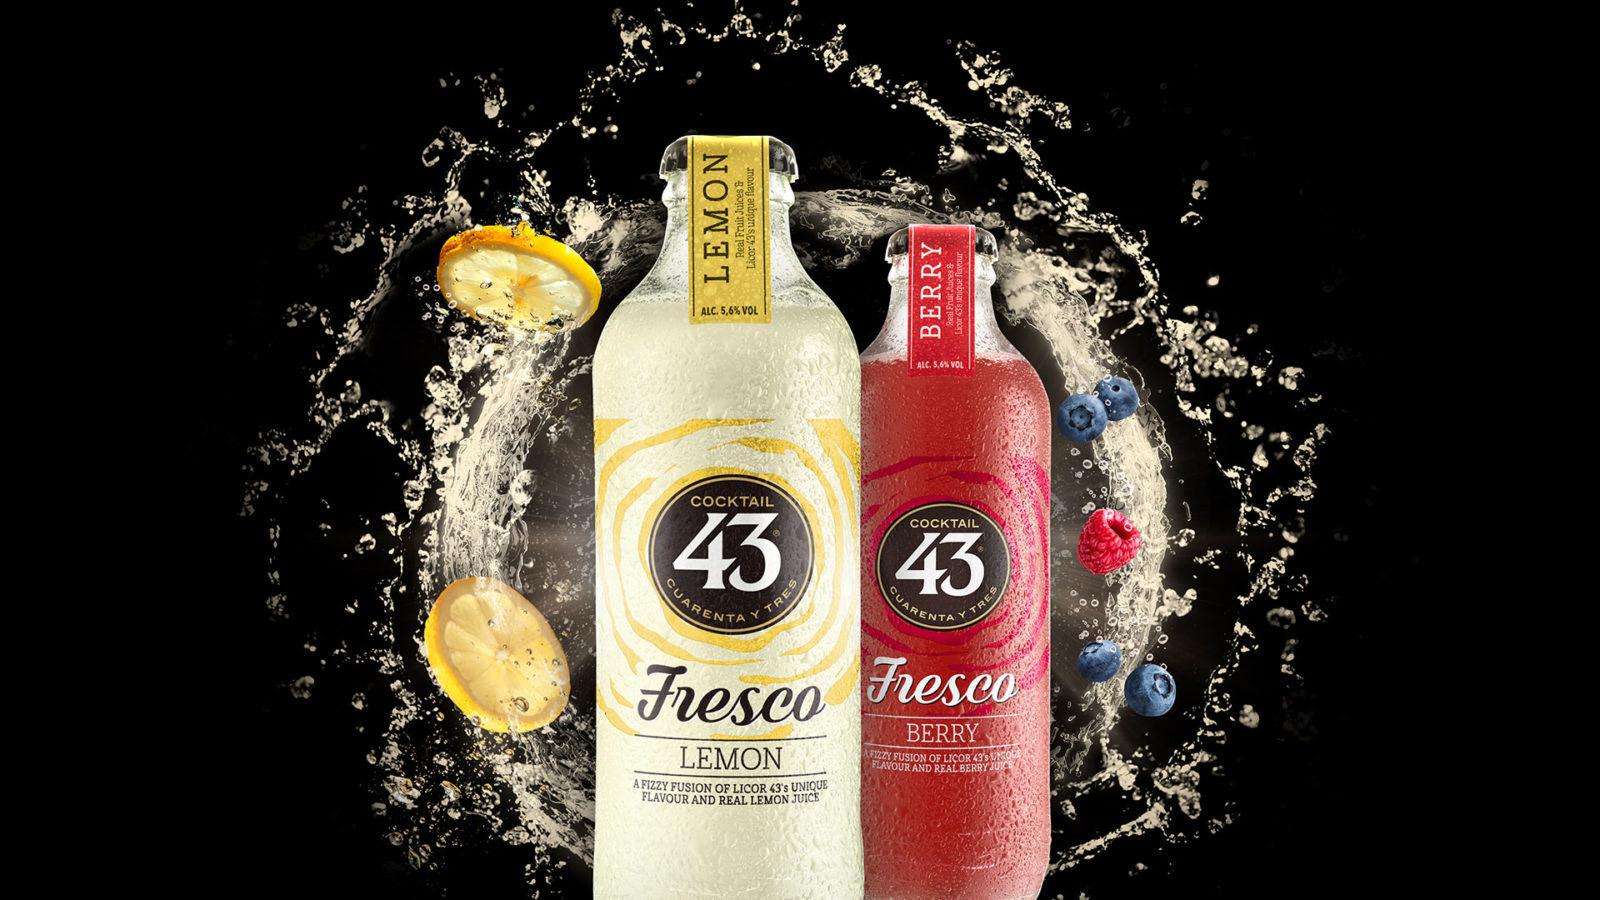 Licor 43 Cocktail 43 Fresco